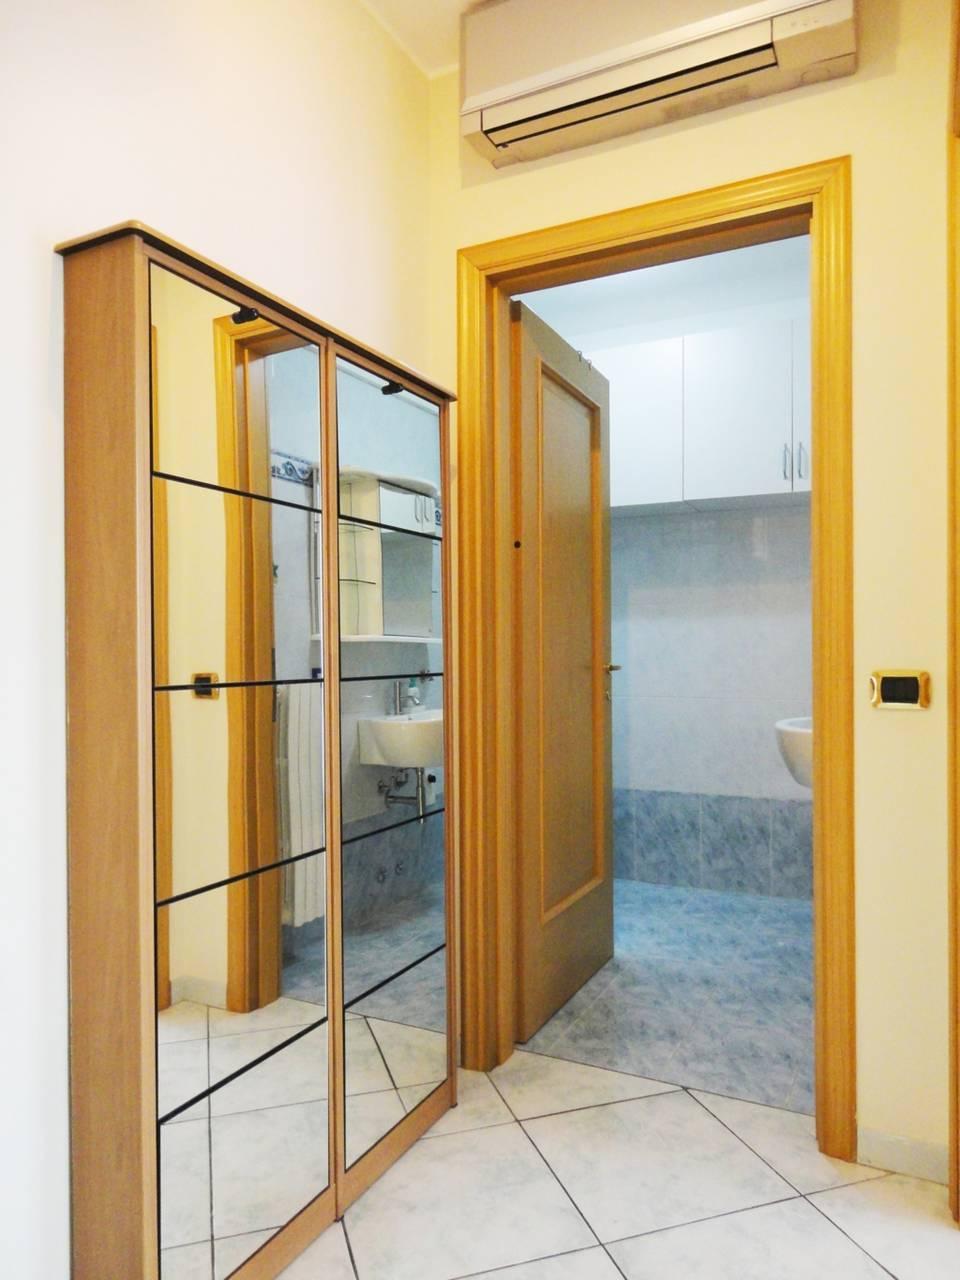 Appartamento-con-giardino-privato-in-vendita-a-San-Giuliano-Milanese-14